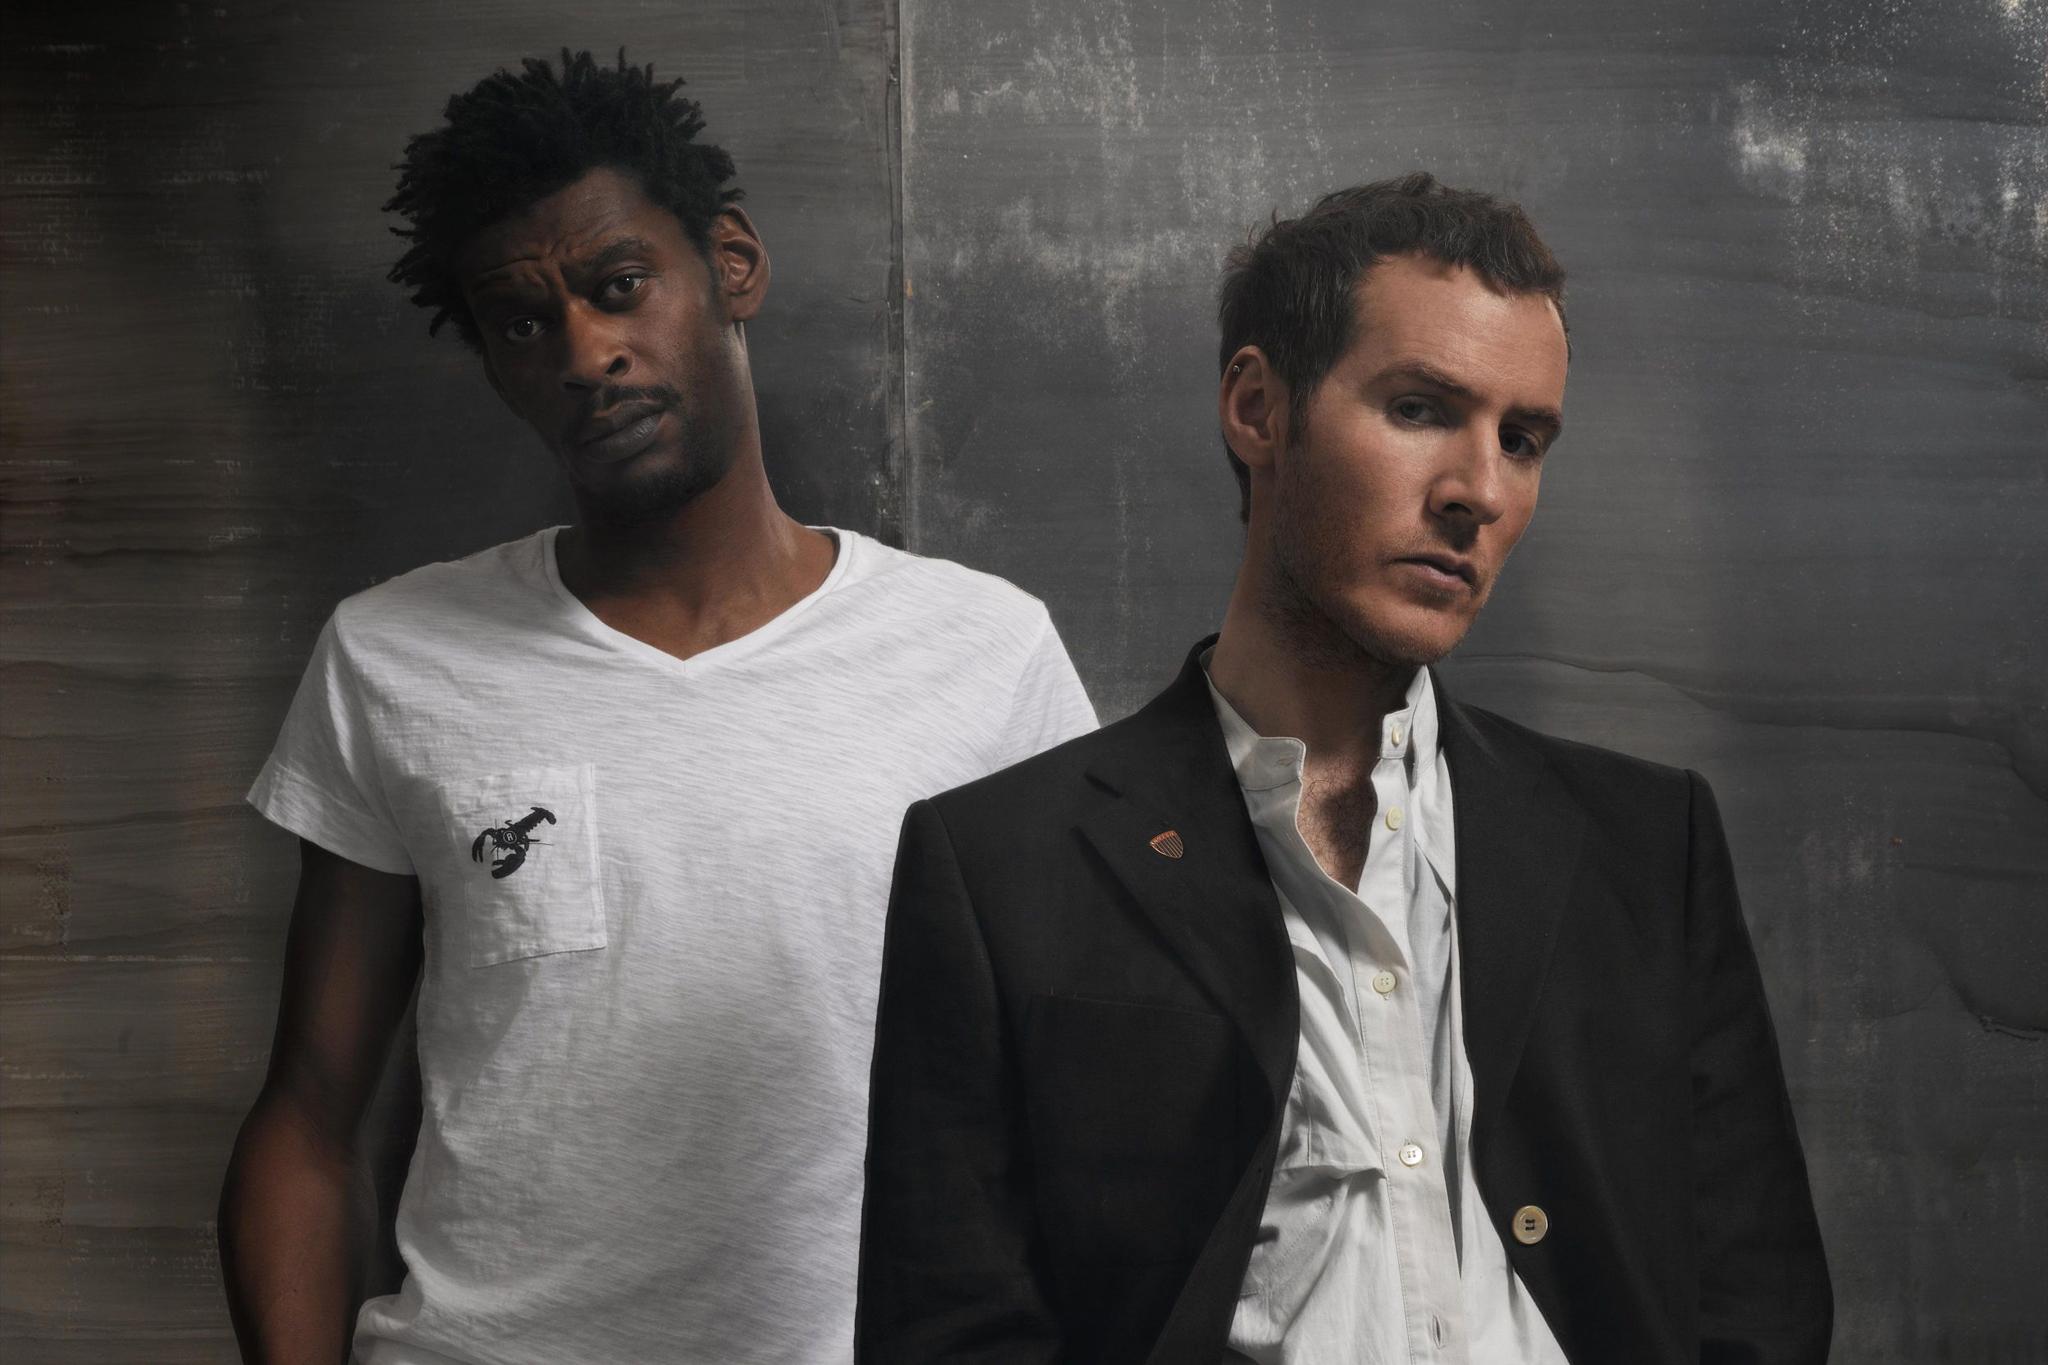 Massive Attack опубликовали план по сокращению выбросов углерода от лайв-музыки